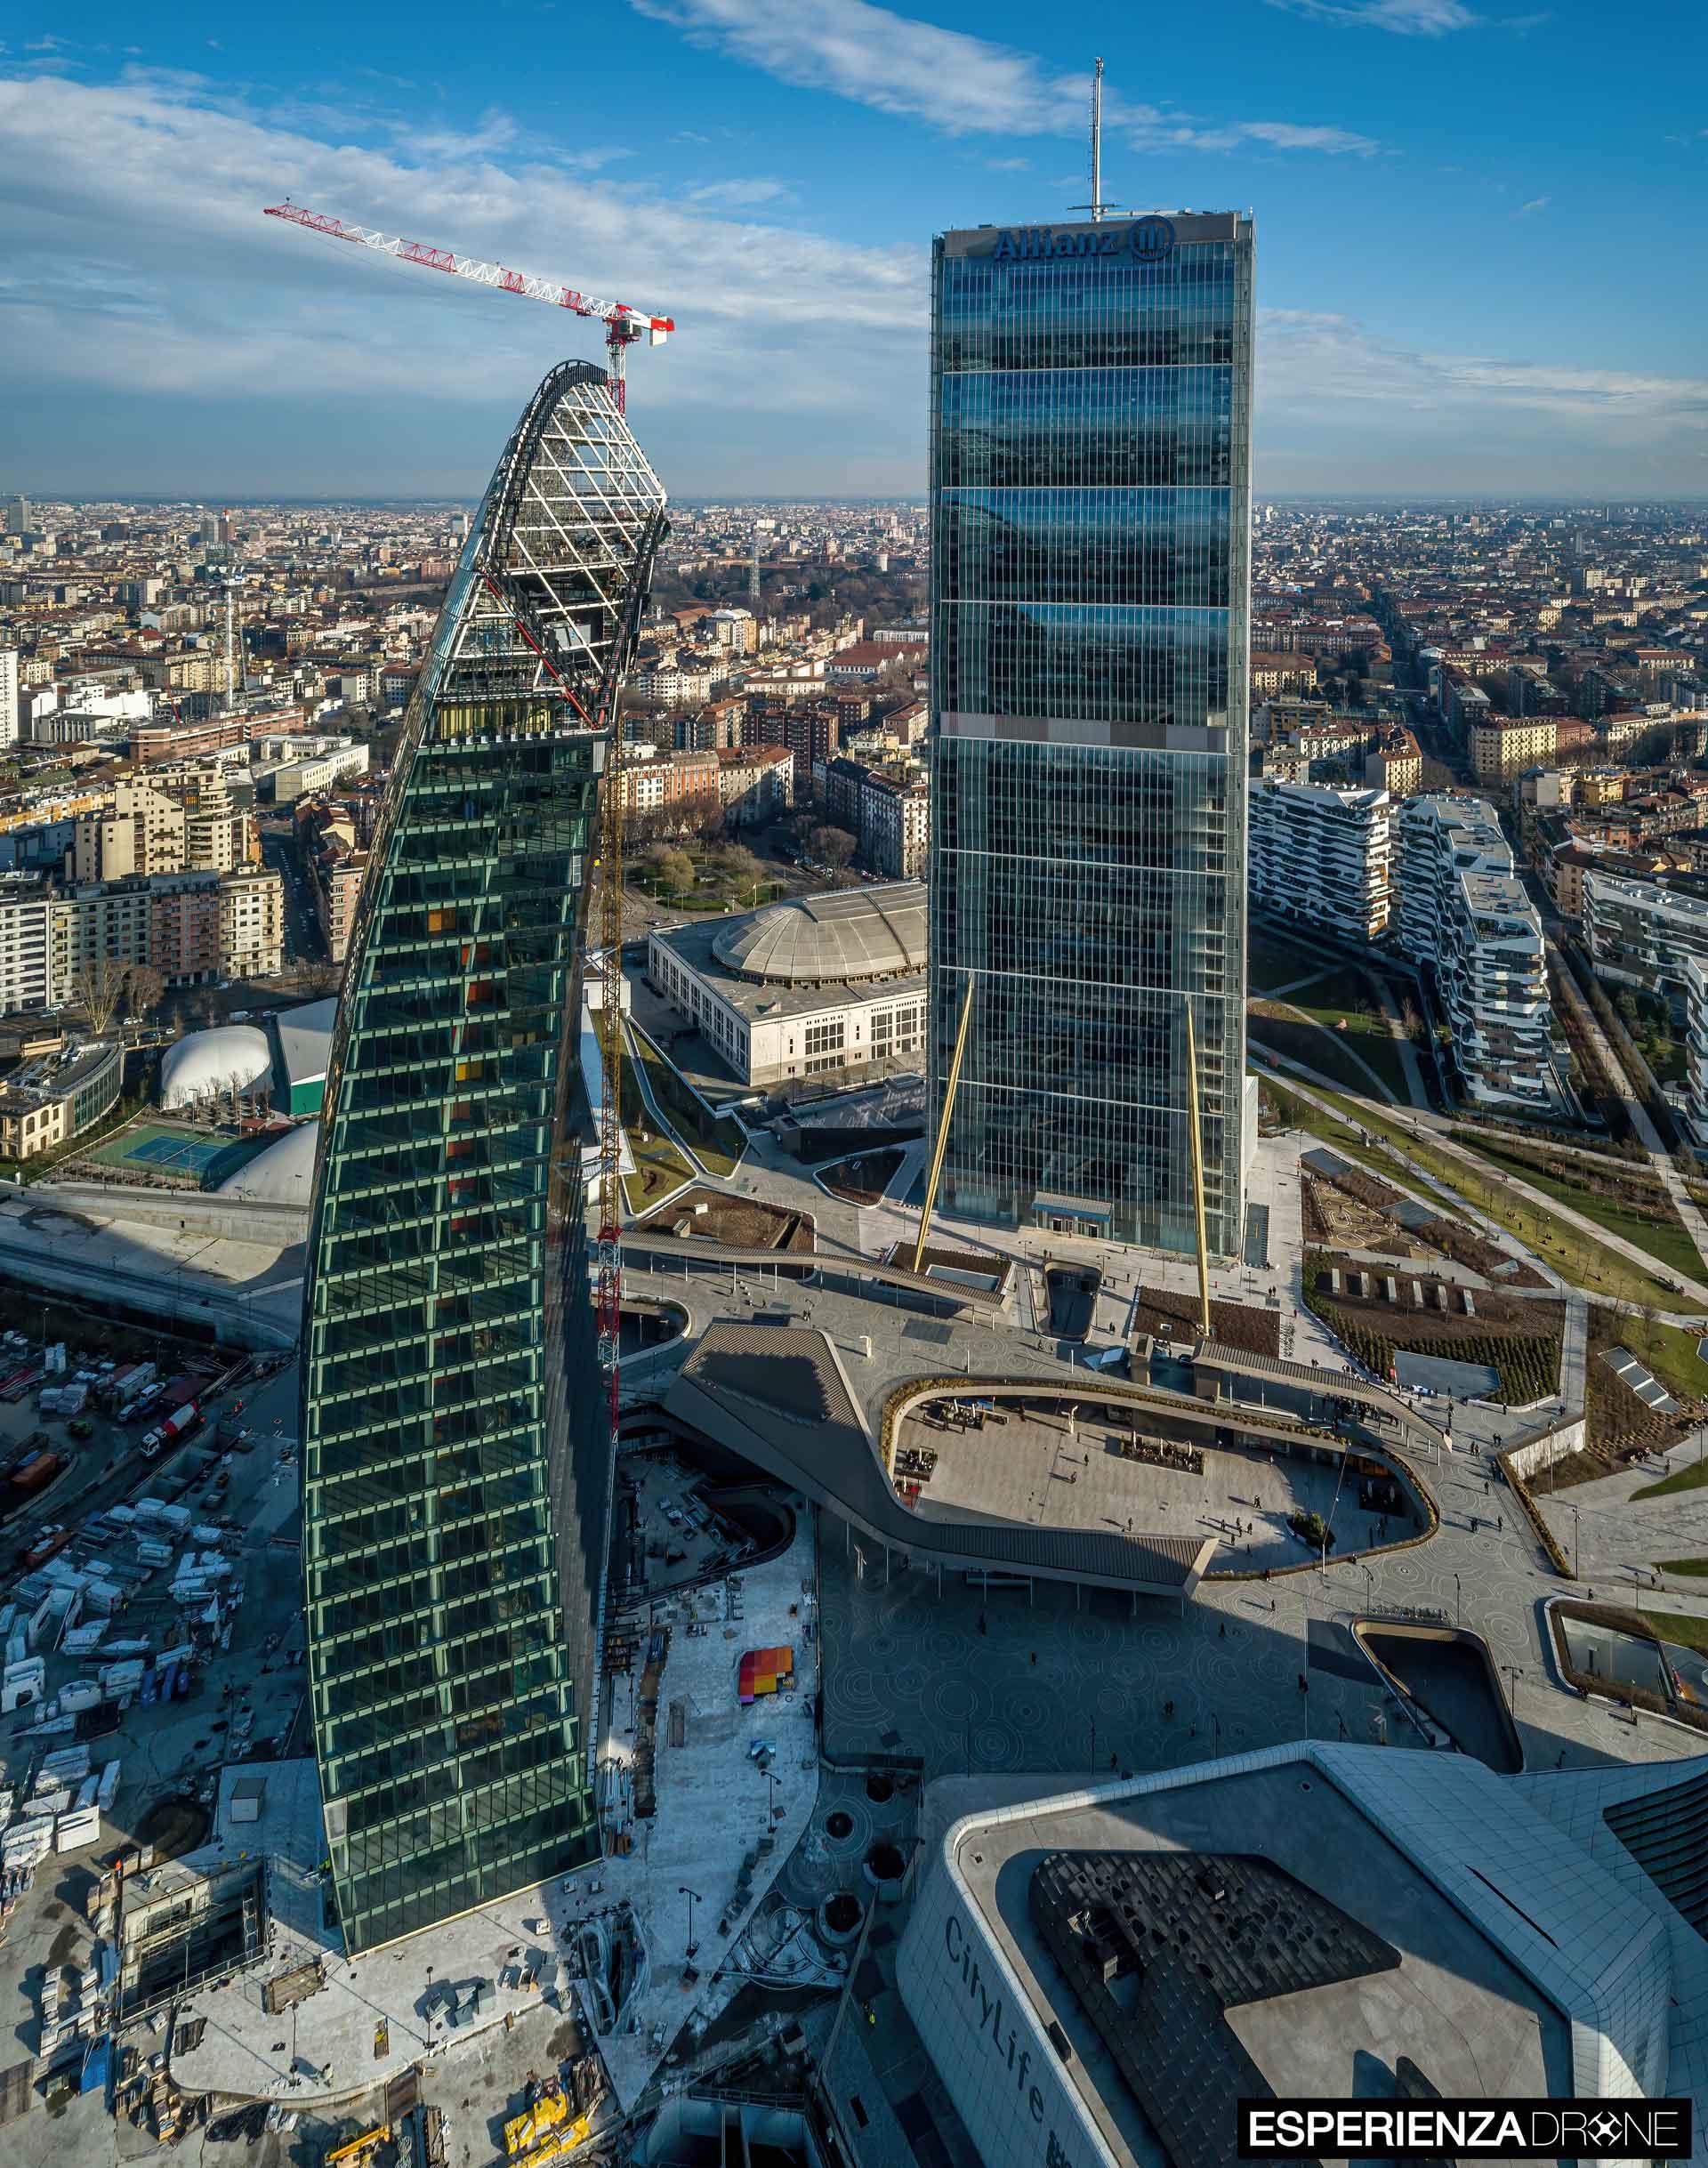 esperienza drone fotografia aerea costruzione torri citylife milano sette.jpg